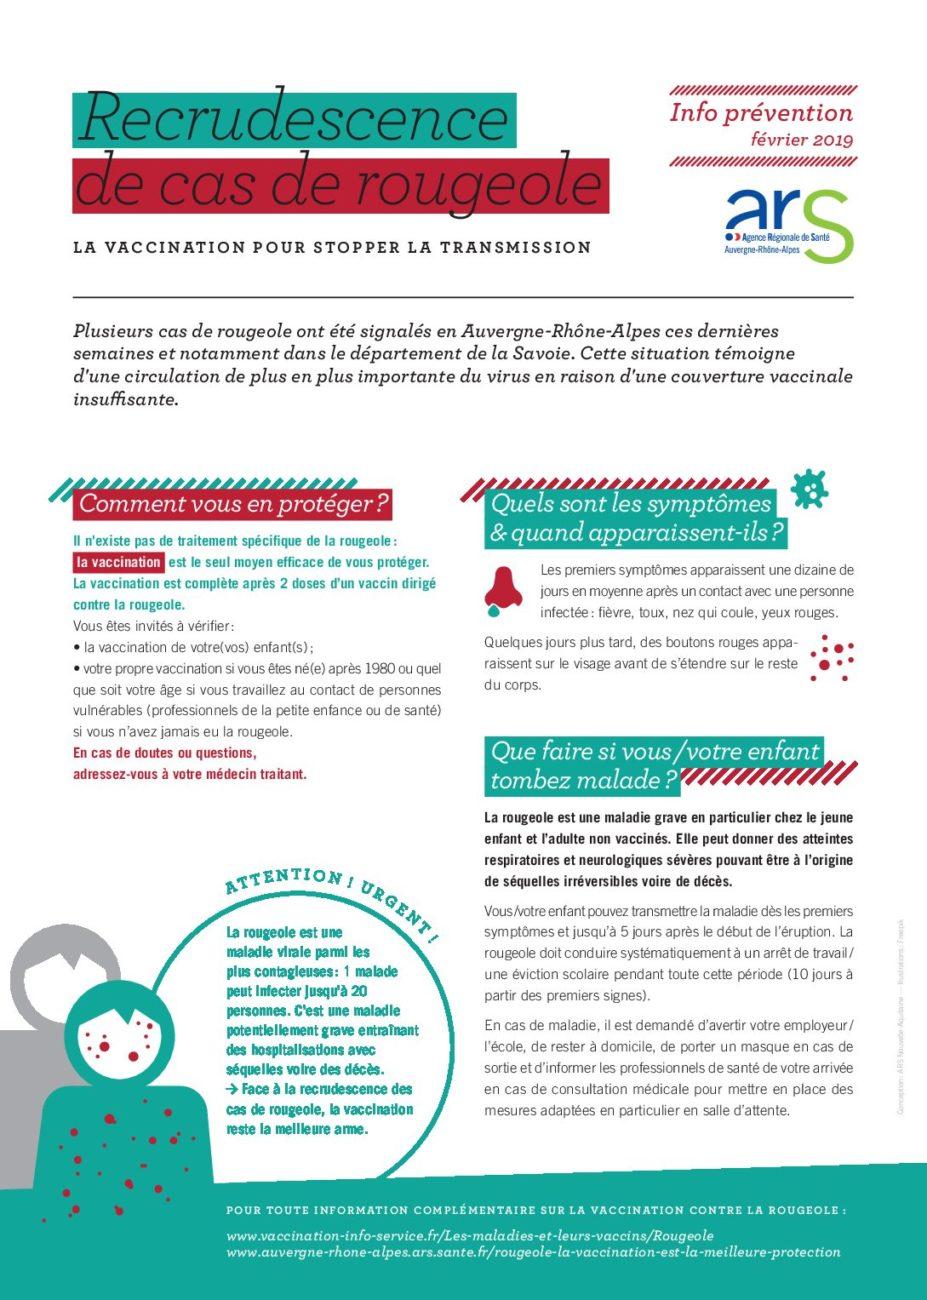 Extension de l'épidémie de rougeole en Auvergne-Rhône-Alpes